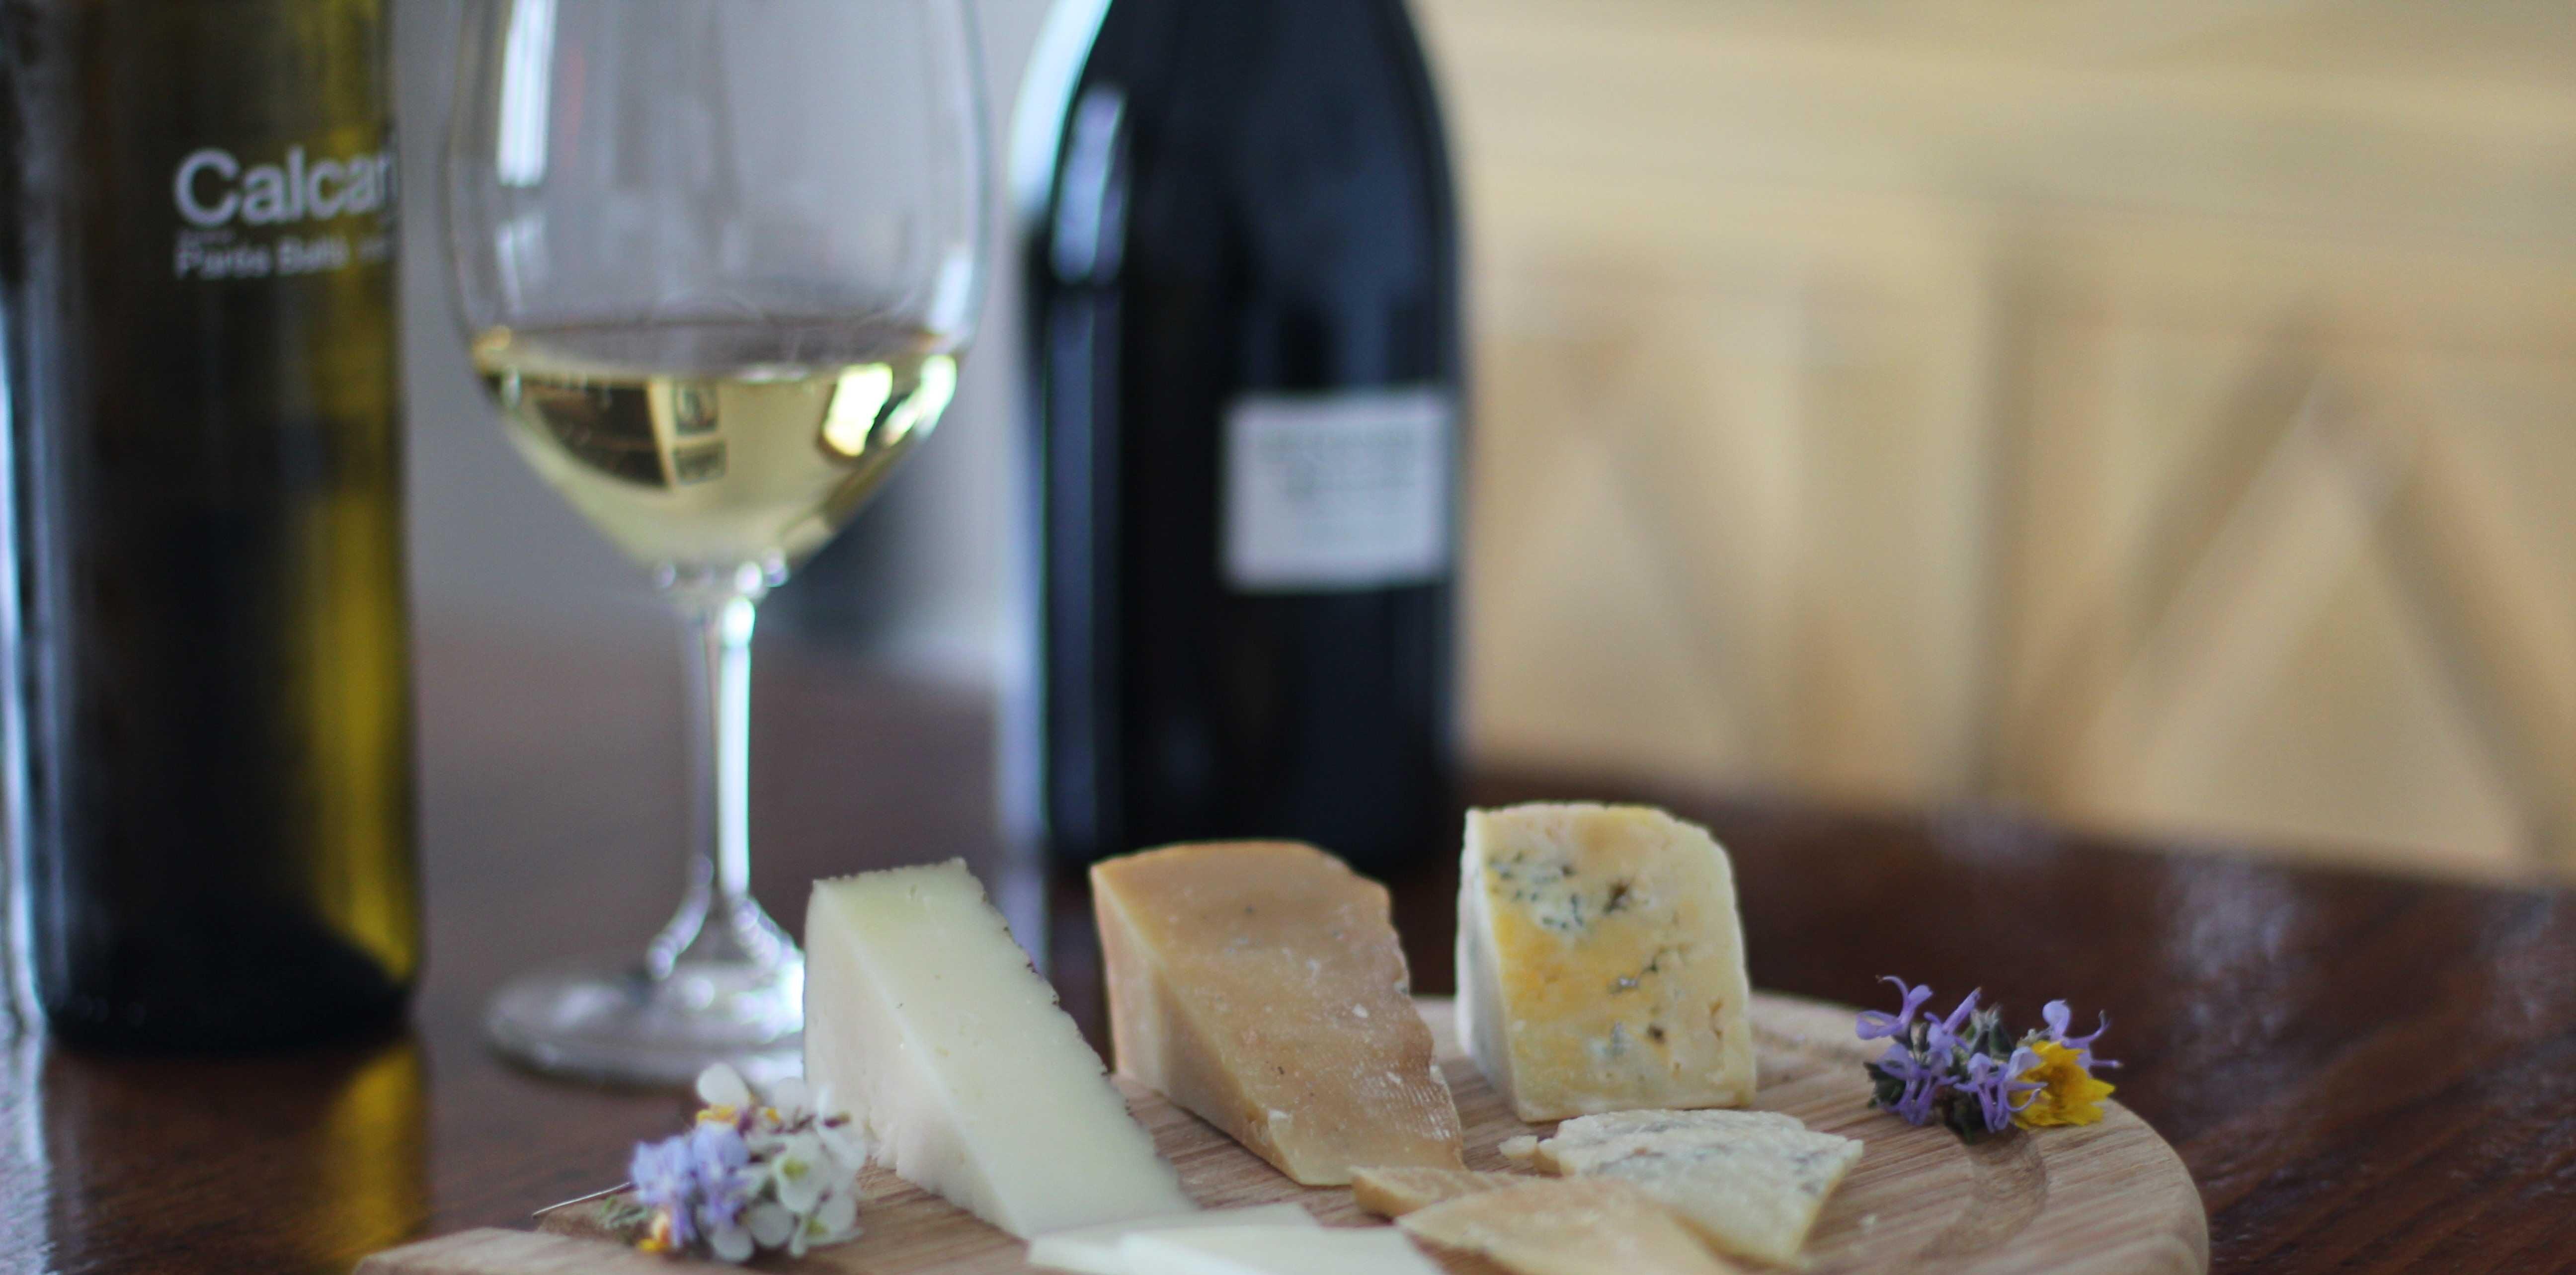 Maridatge formatges Parés Baltà